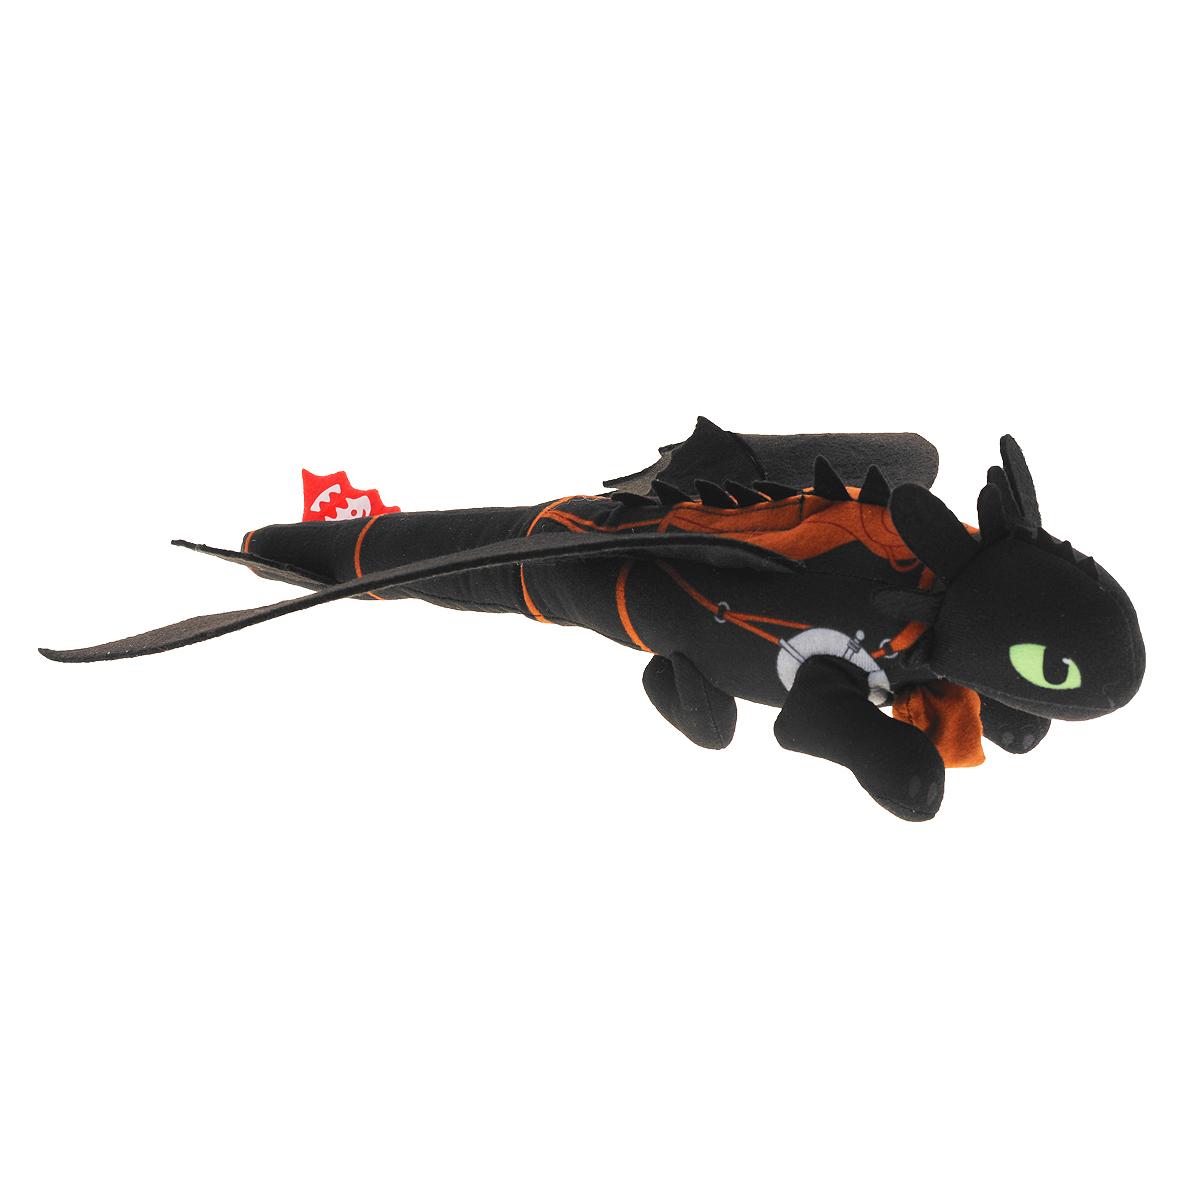 Мягкая игрушка Dragons Беззубик, запускается и летит, 36 см66592Мягкая плюшевая игрушка Dragons Беззубик вызовет улыбку у каждого, кто ее увидит. Игрушка выполнена из приятного на ощупь текстильного материала в виде черного дракона - точной копии доброго дракона из мультфильма Как приручить дракона 2. У игрушки большие глазки и широкие крылья. Плюшевый Беззубик запускается рукой по принципу рогатки благодаря встроенному механизму. При этом воспроизводятся звуковые эффекты. Эта забавная игрушка принесет радость и подарит своему обладателю мгновения приятных воспоминаний. Такая игрушка станет отличным подарком вашему ребенку! Для работы игрушки необходимы 3 батарейки напряжением 1,5V типа АG13 (входят в комплект).